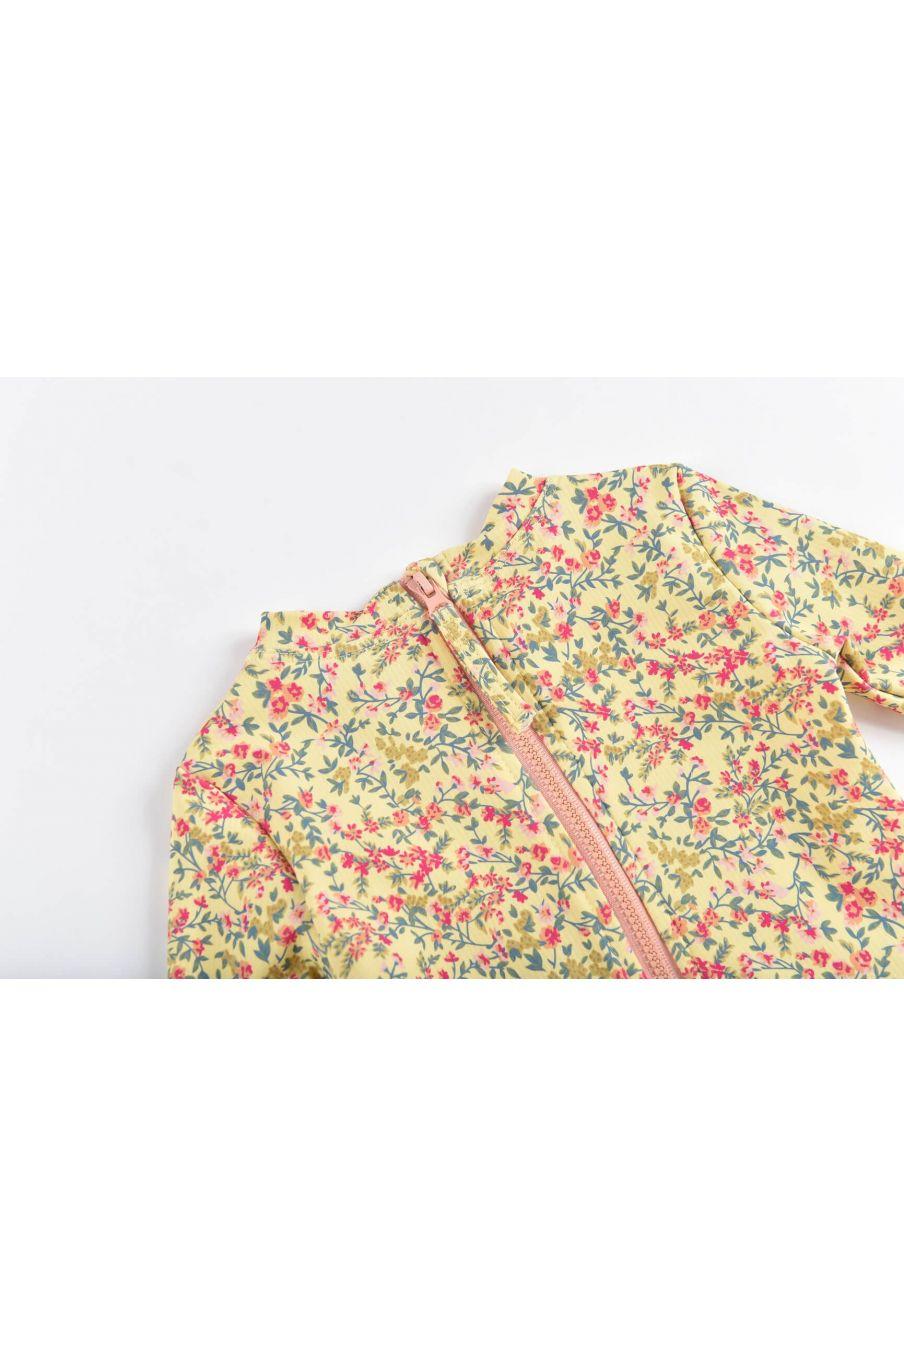 boheme chic vintage set de protection uv fille aurelie soft yellow spring flowers